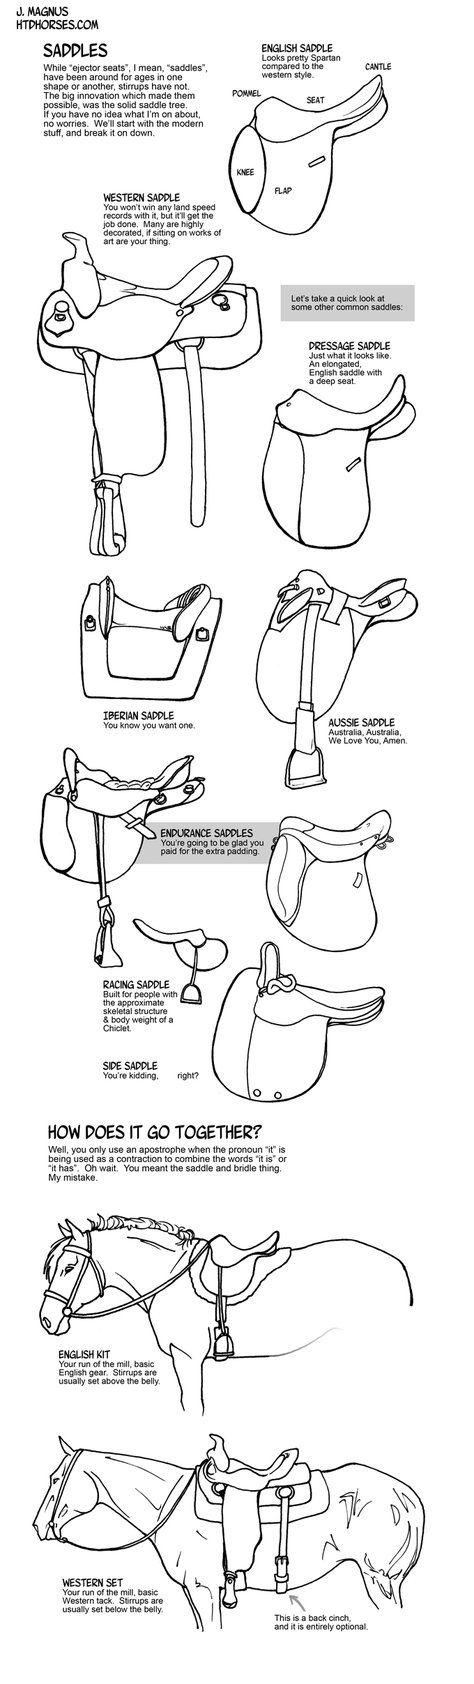 How to draw tack Saddles by sketcherjak on DeviantArt